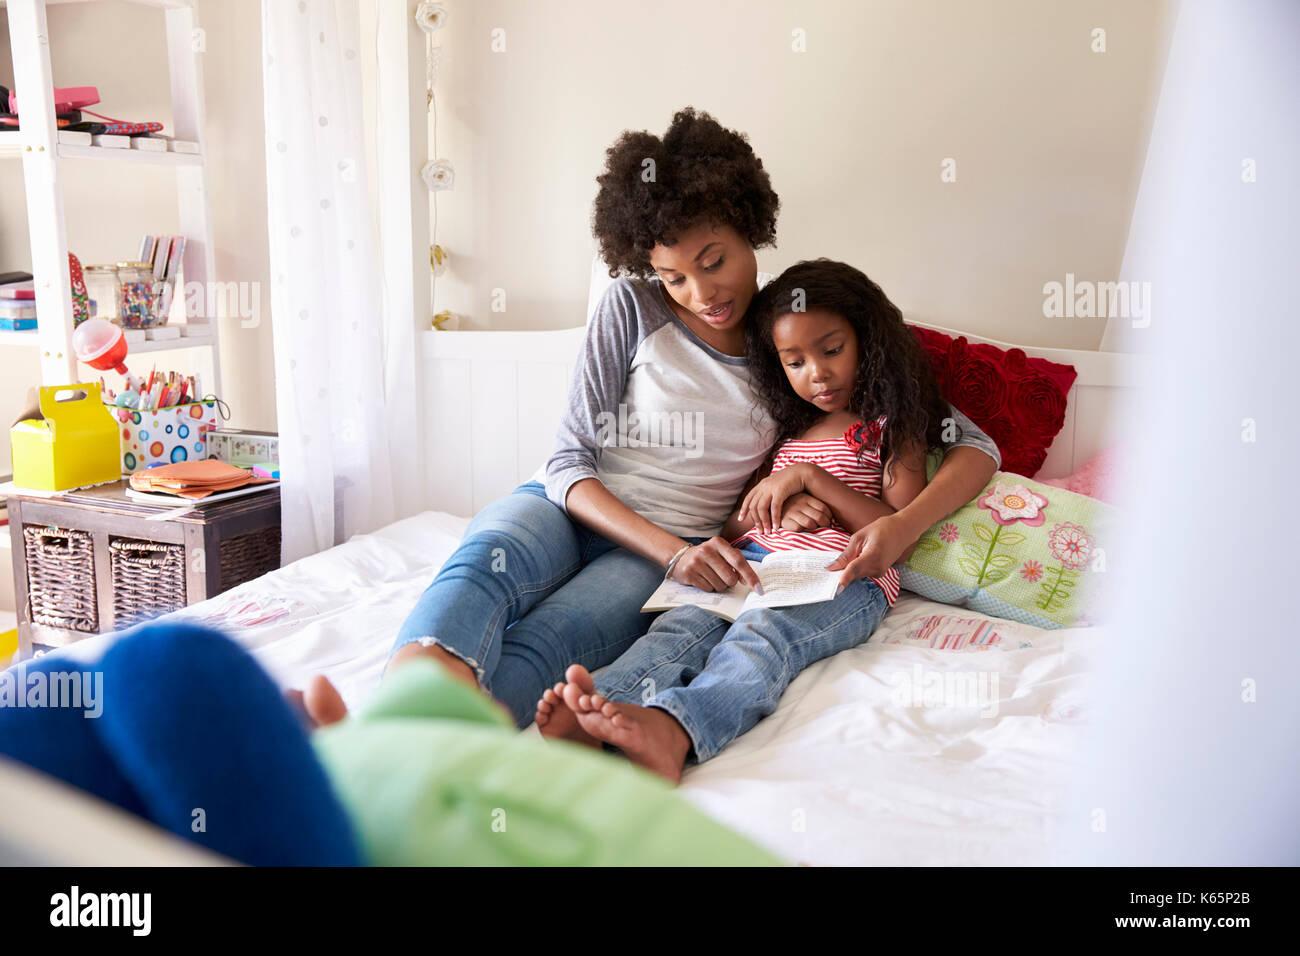 Madre e hija apoyado sobre la cama leyendo libro juntos Imagen De Stock